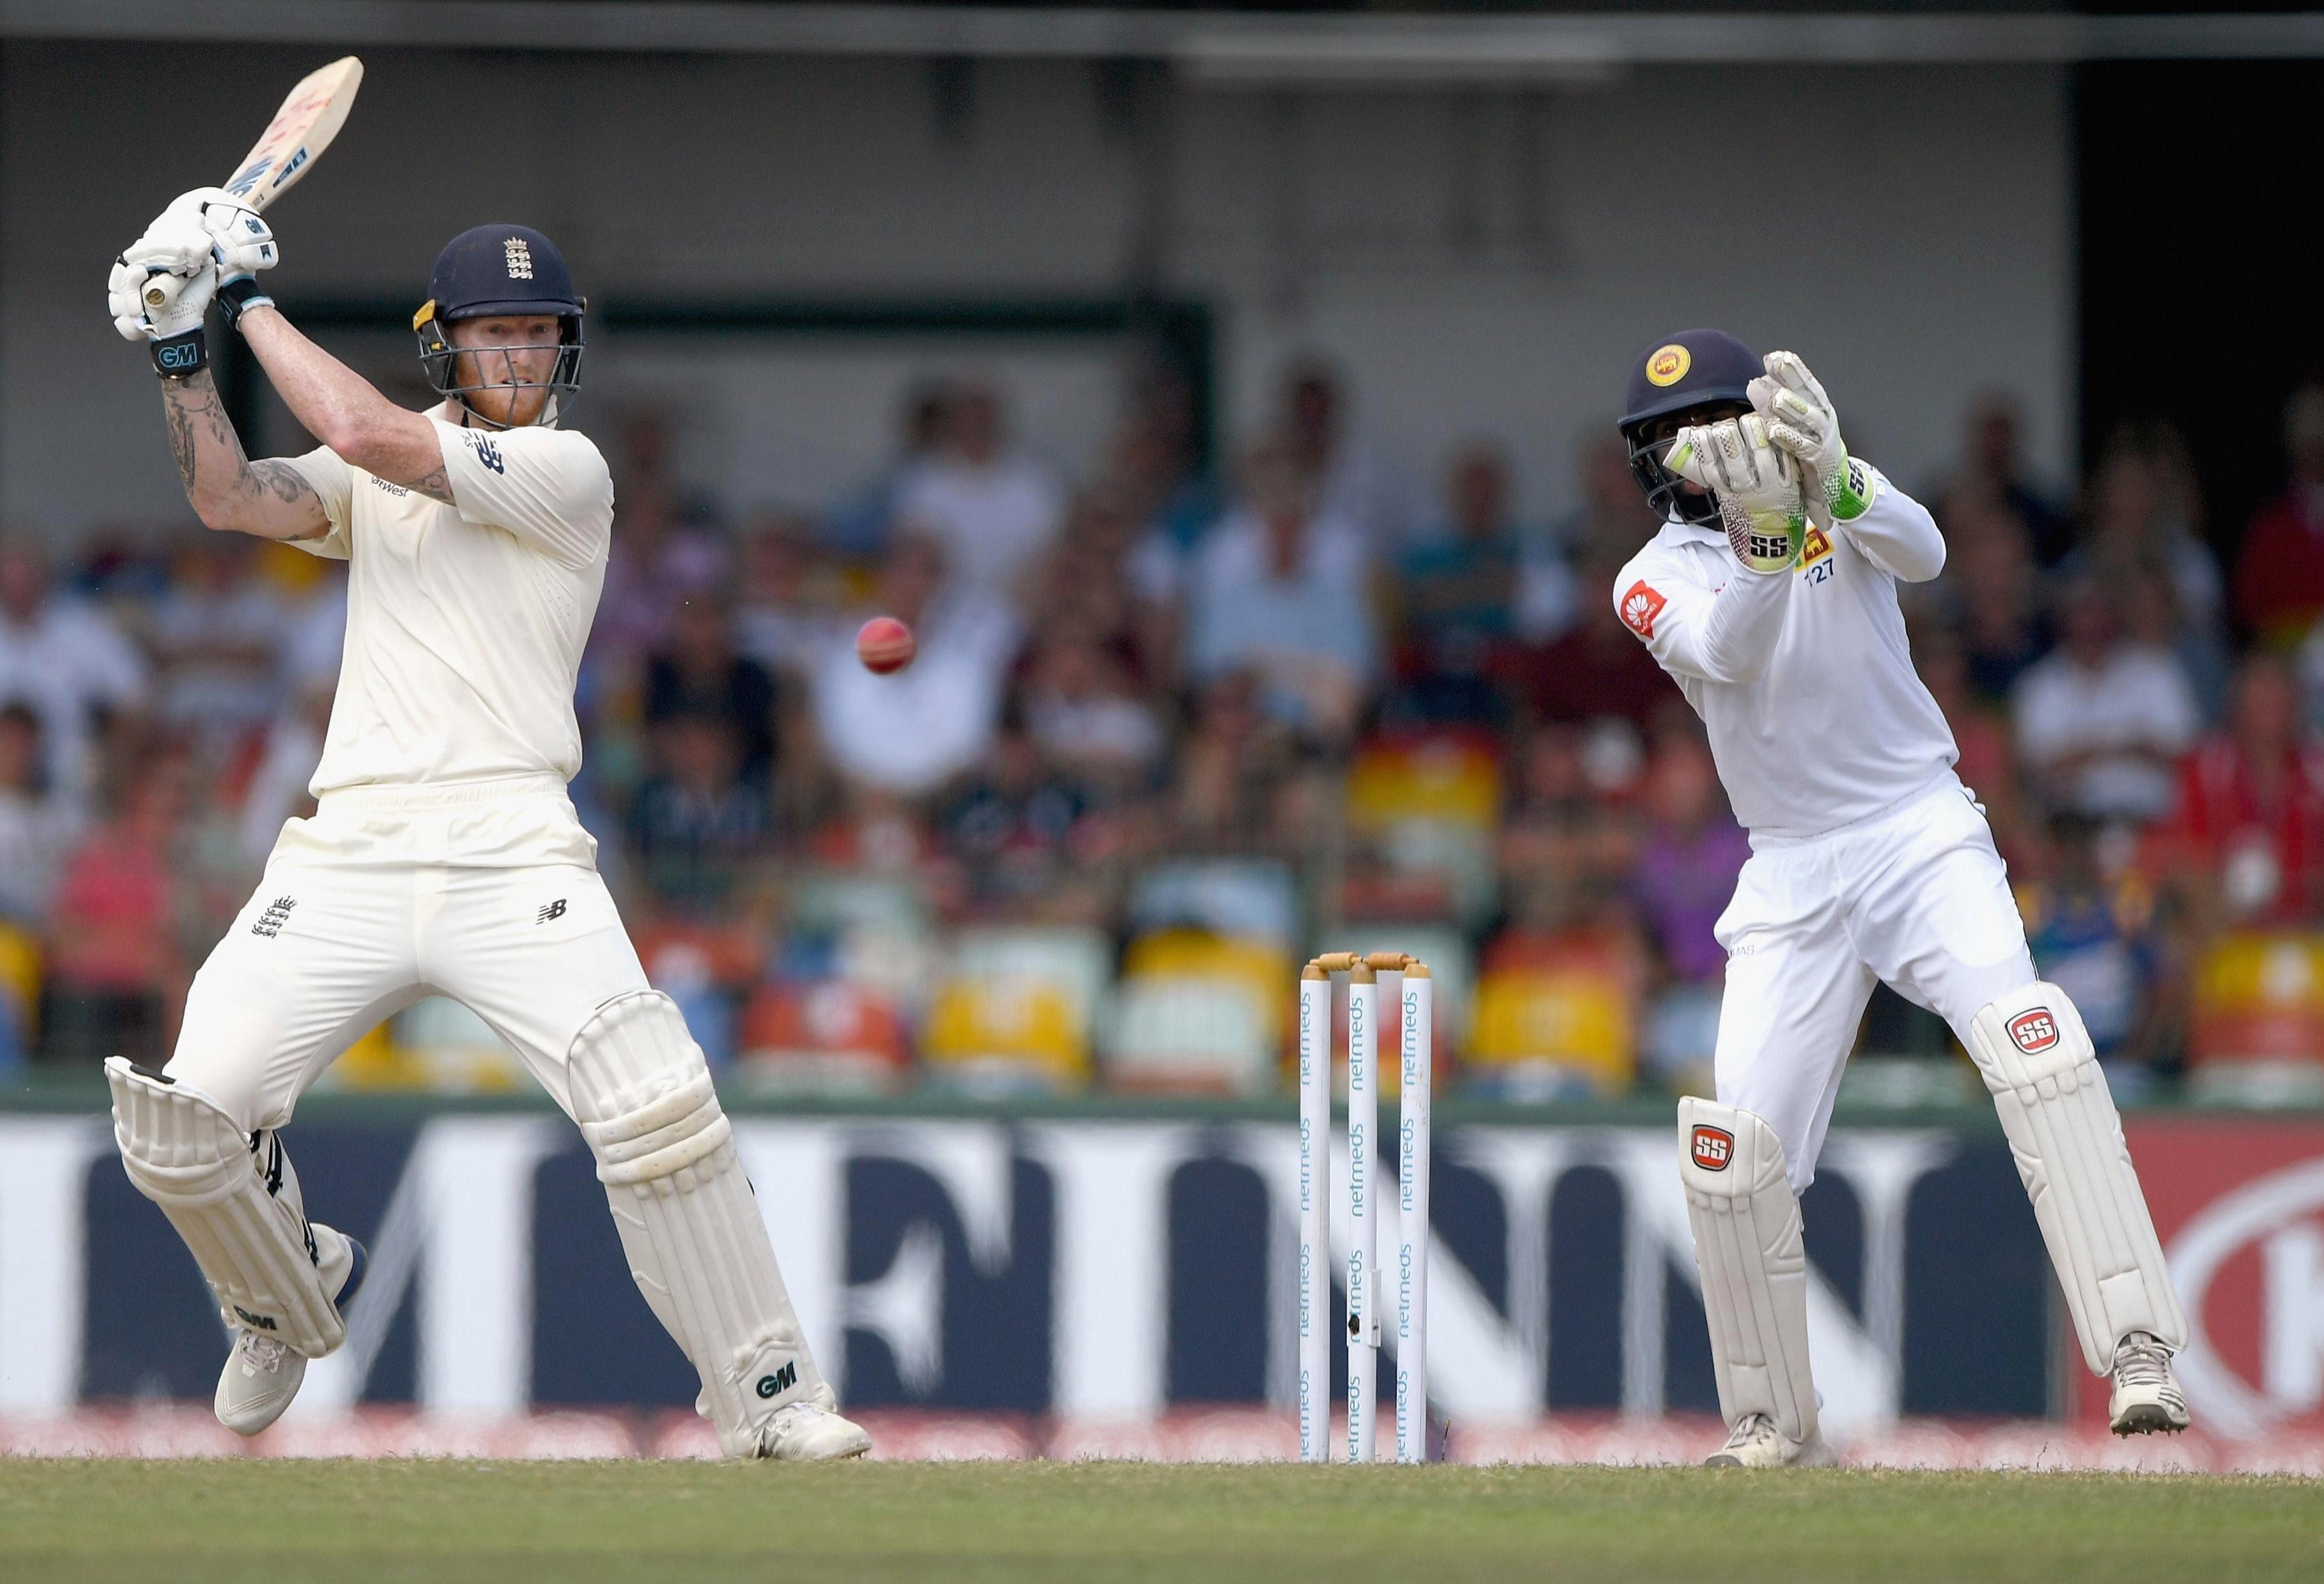 Ben Stokes also hit some crucial runs as England took a 326-run lead